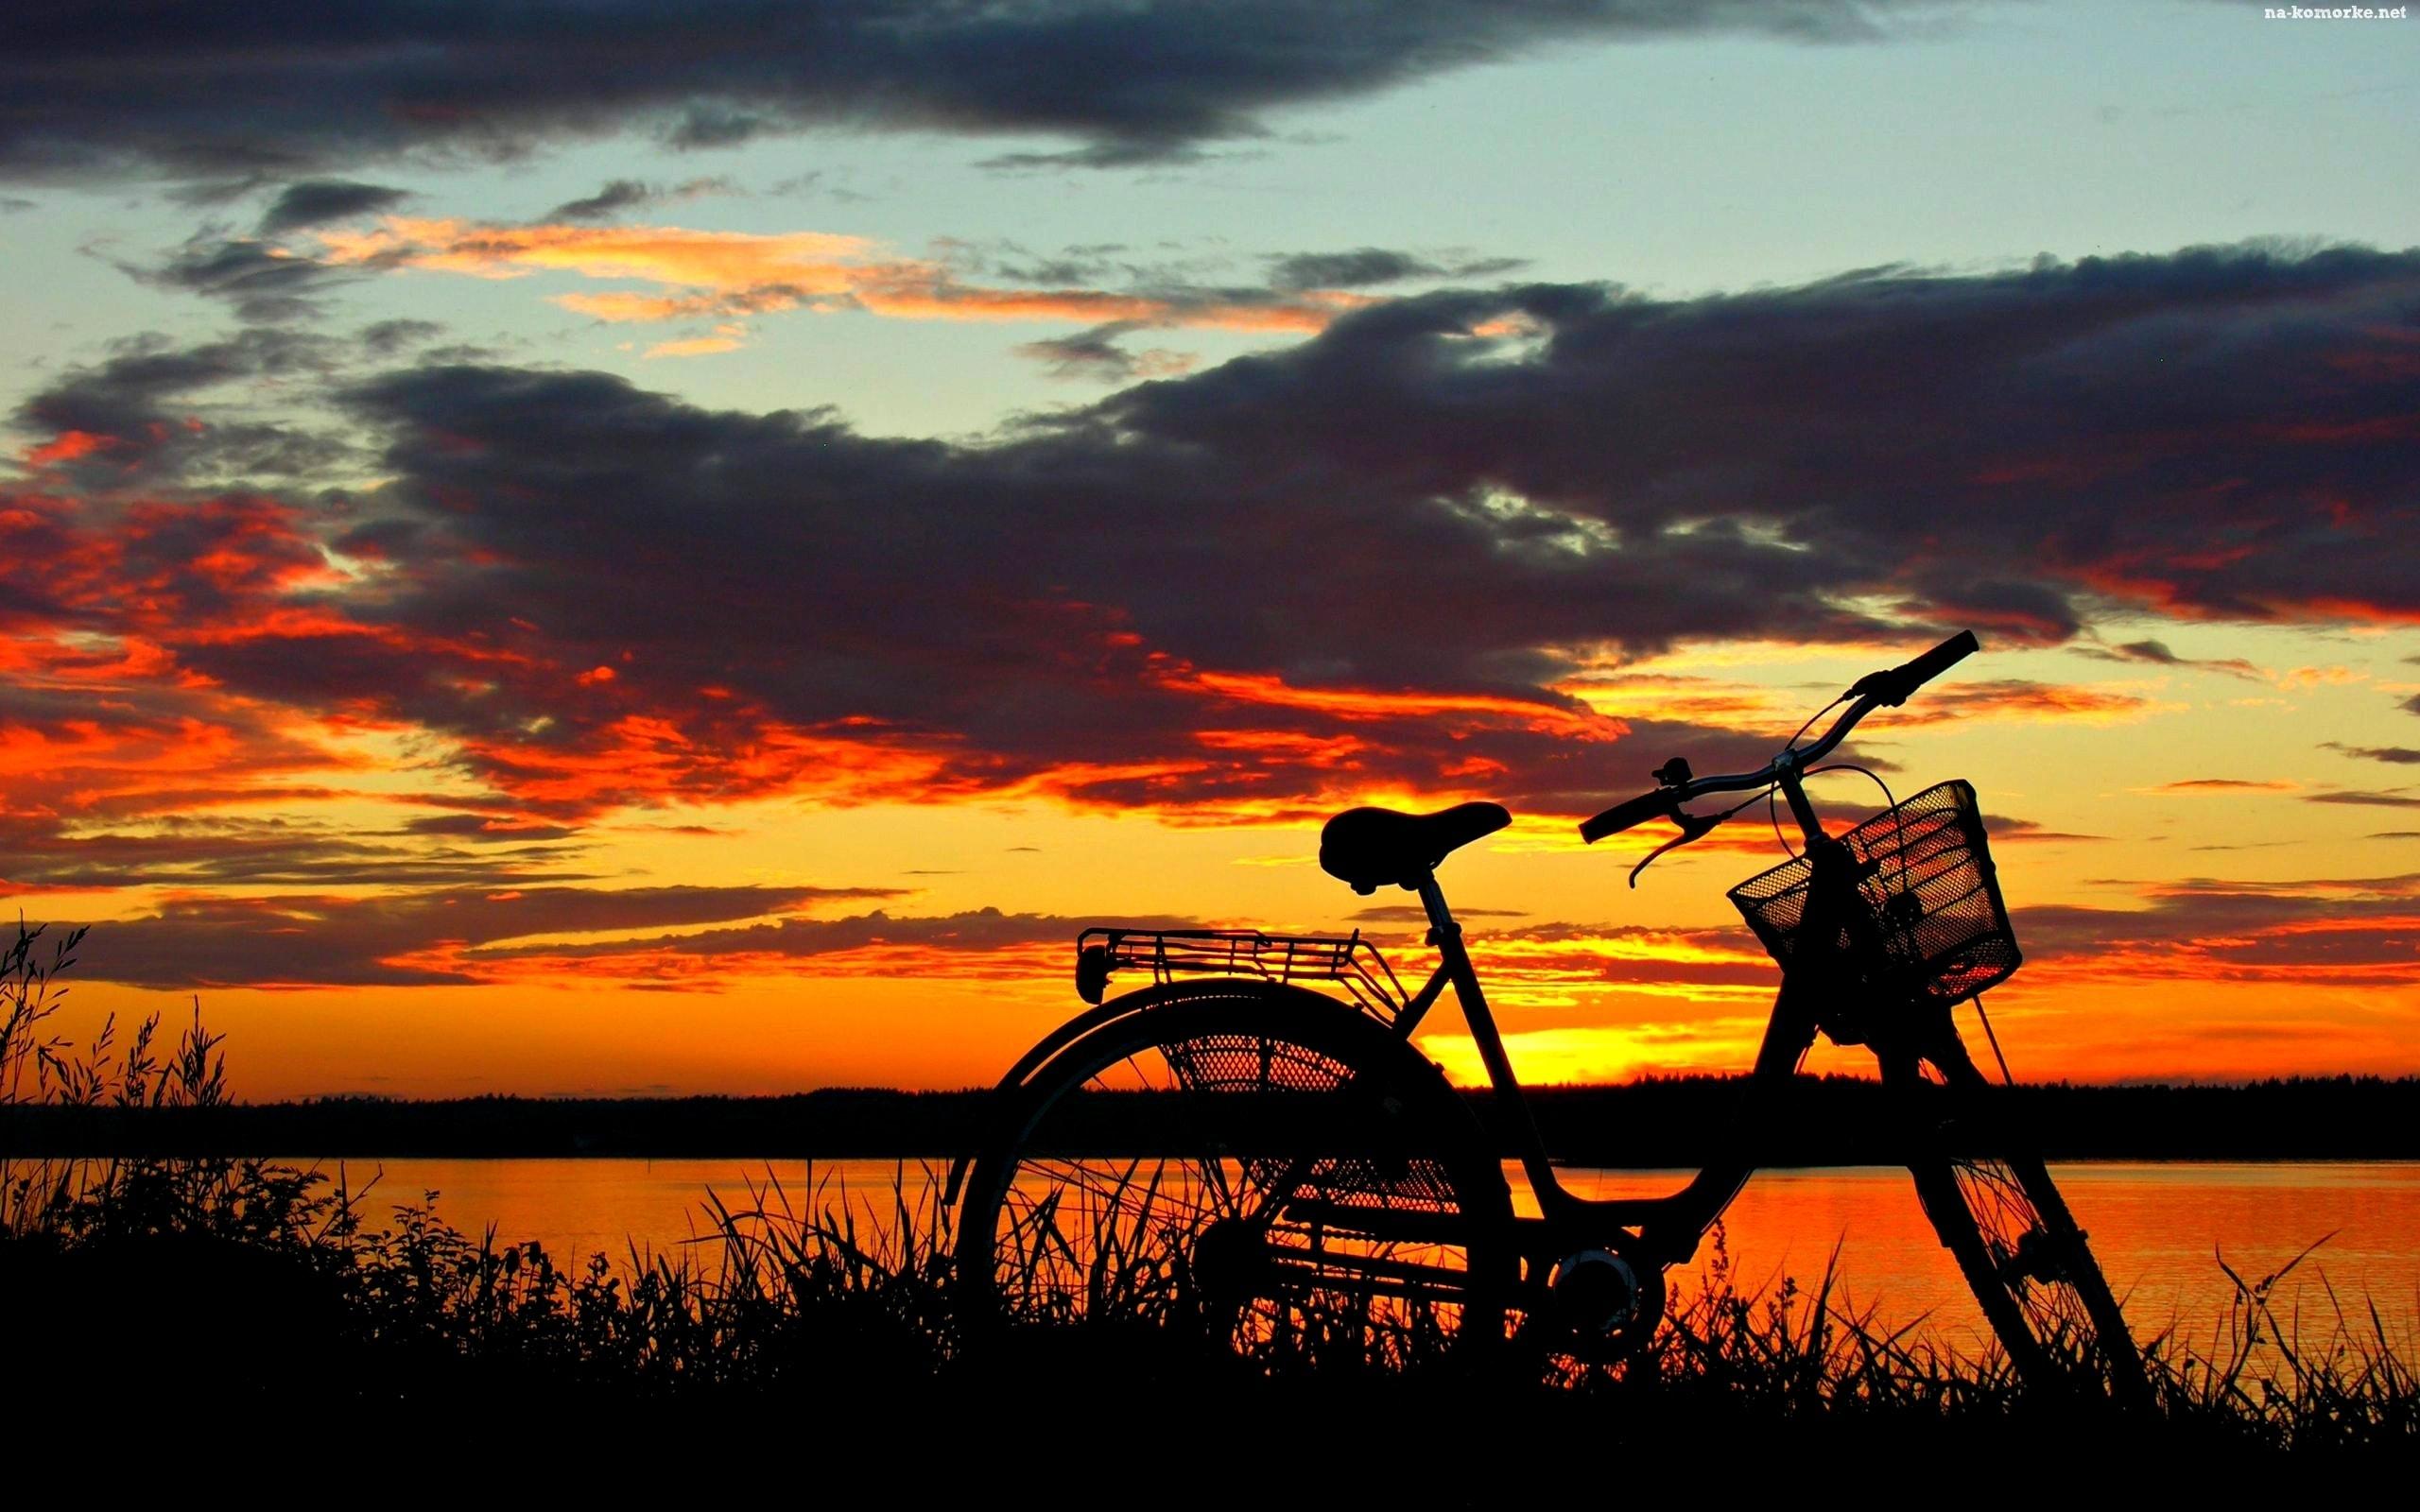 Sunset Widescreen